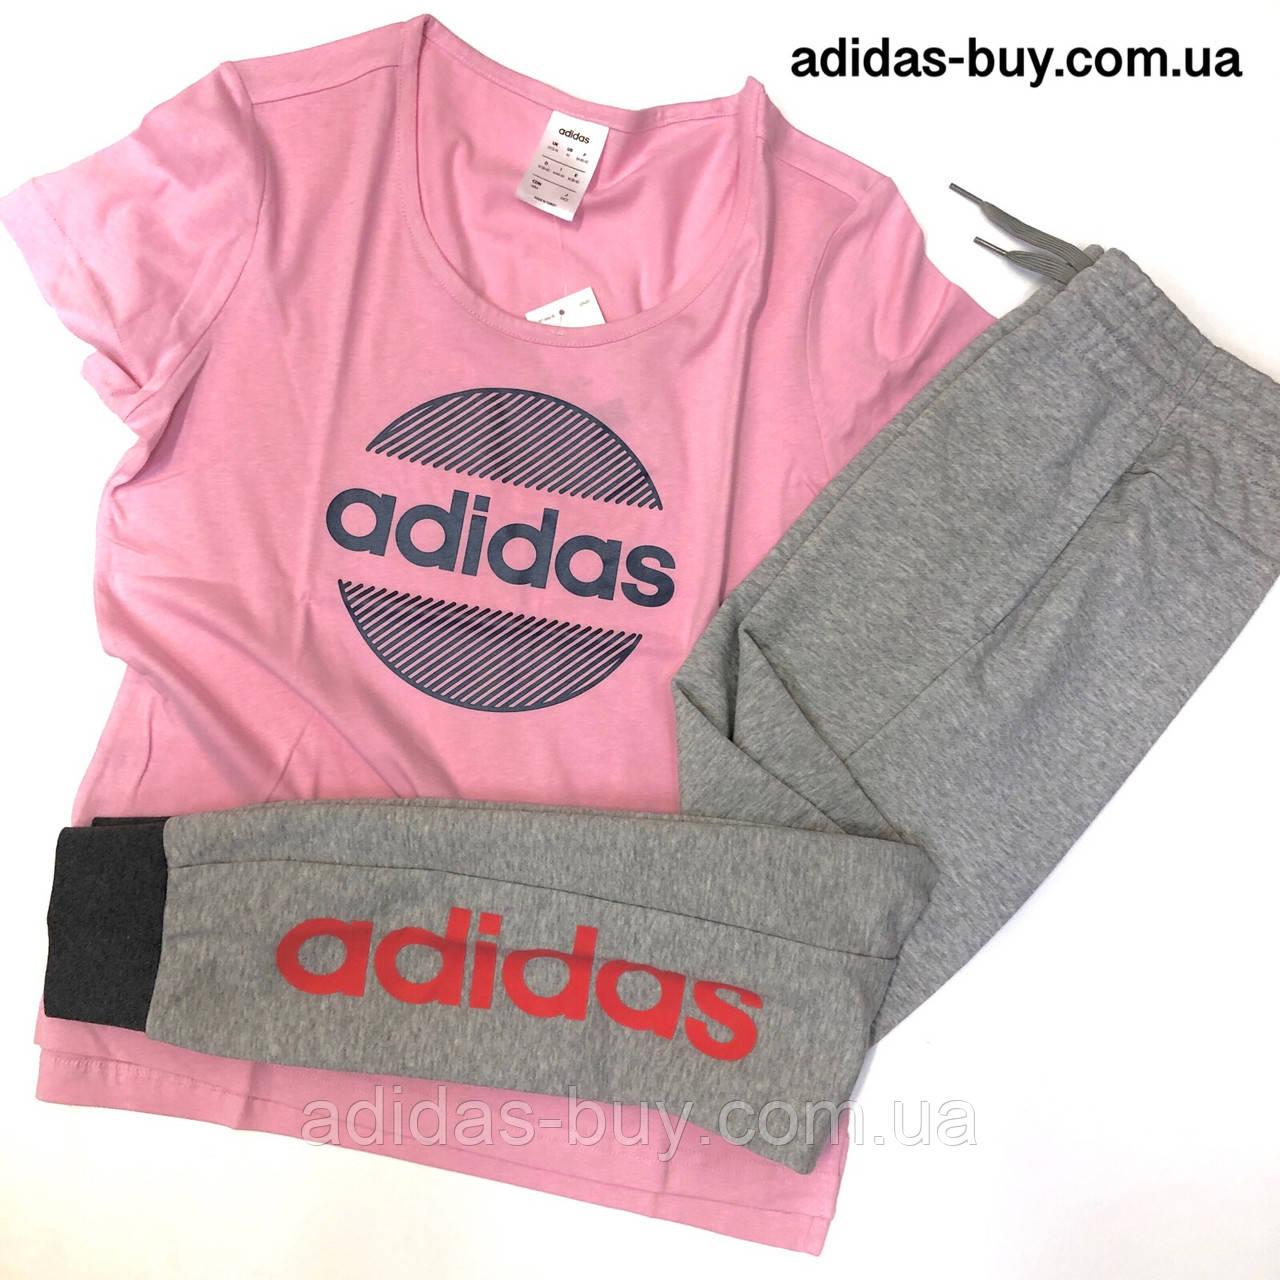 7257677f Спортивный костюм adidas футболка и штаны комплект женский оригинал DU0700  цвет: серый/розовый -